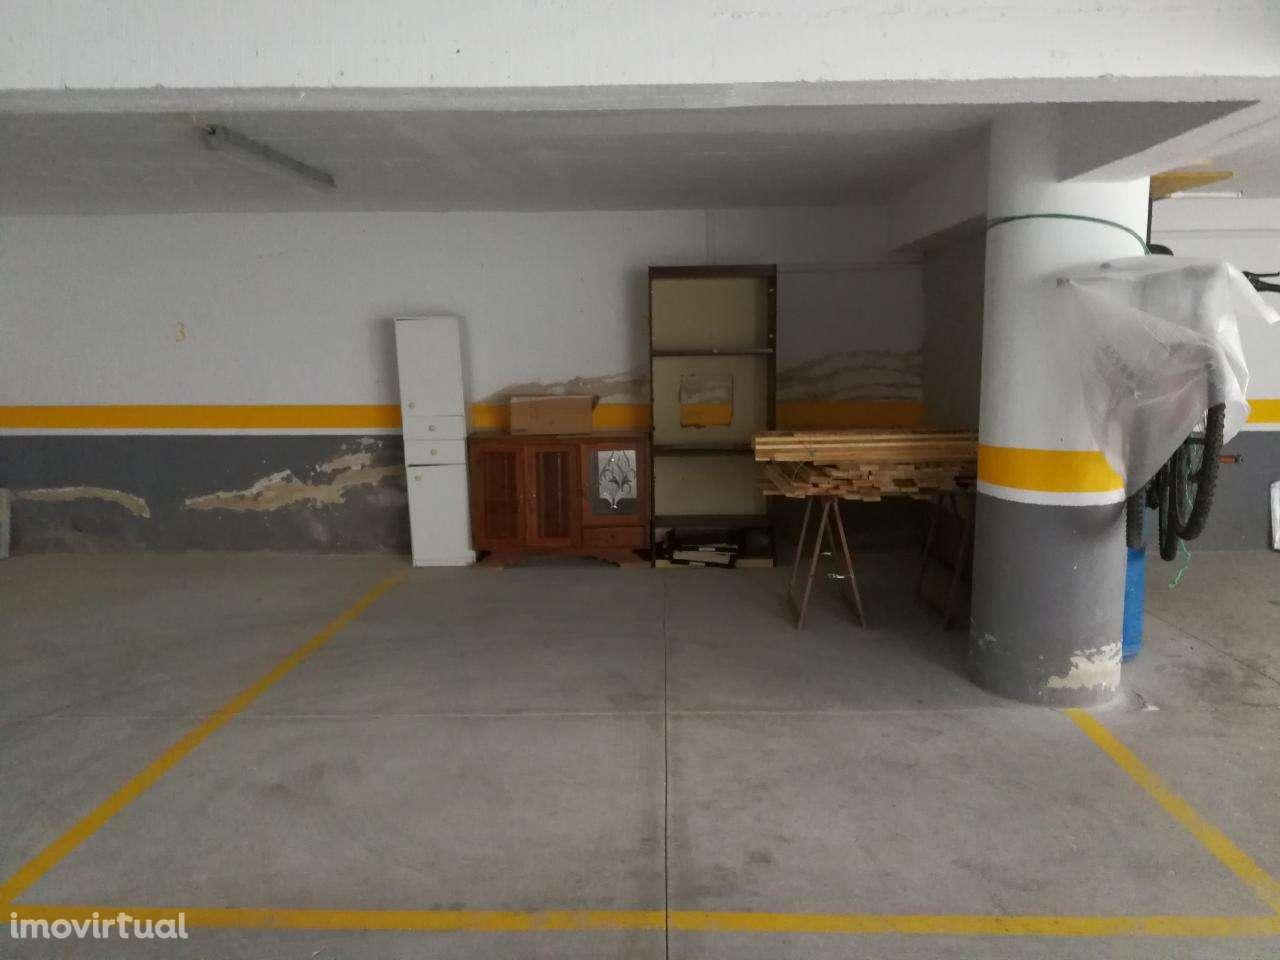 Apartamento para comprar, Castelo (Sesimbra), Sesimbra, Setúbal - Foto 22